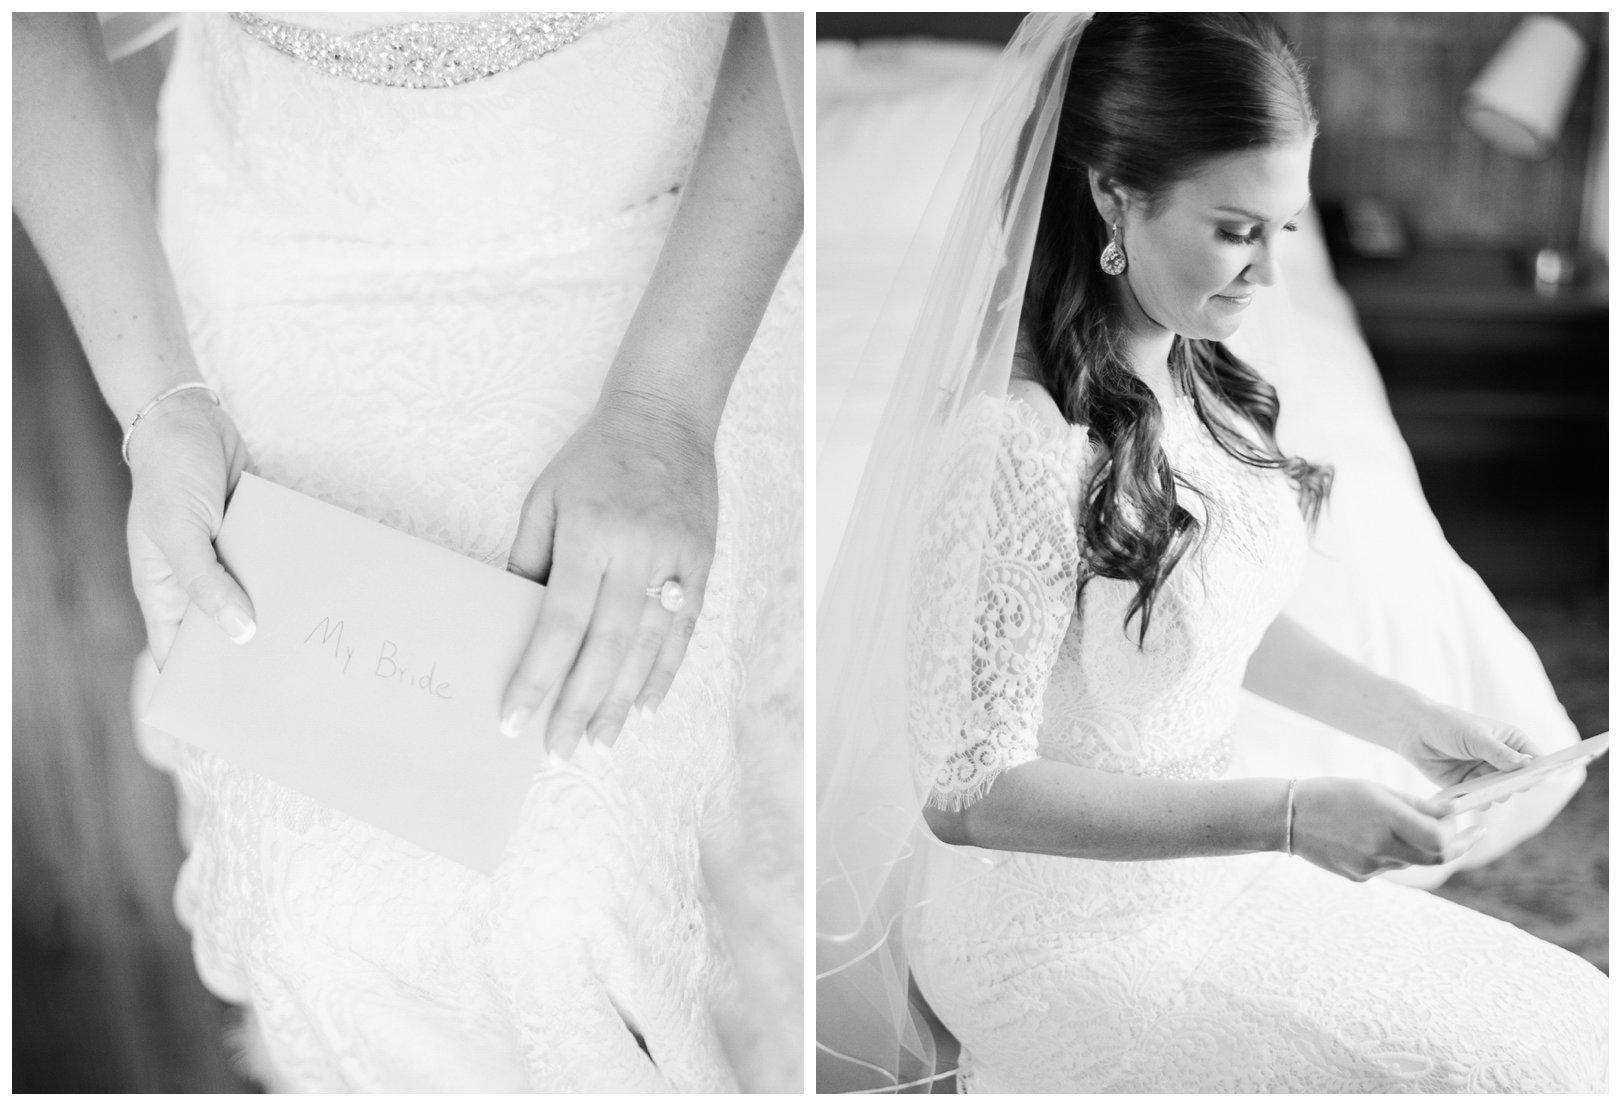 lauren muckler photography_fine art film wedding photography_st louis_photography_1242.jpg